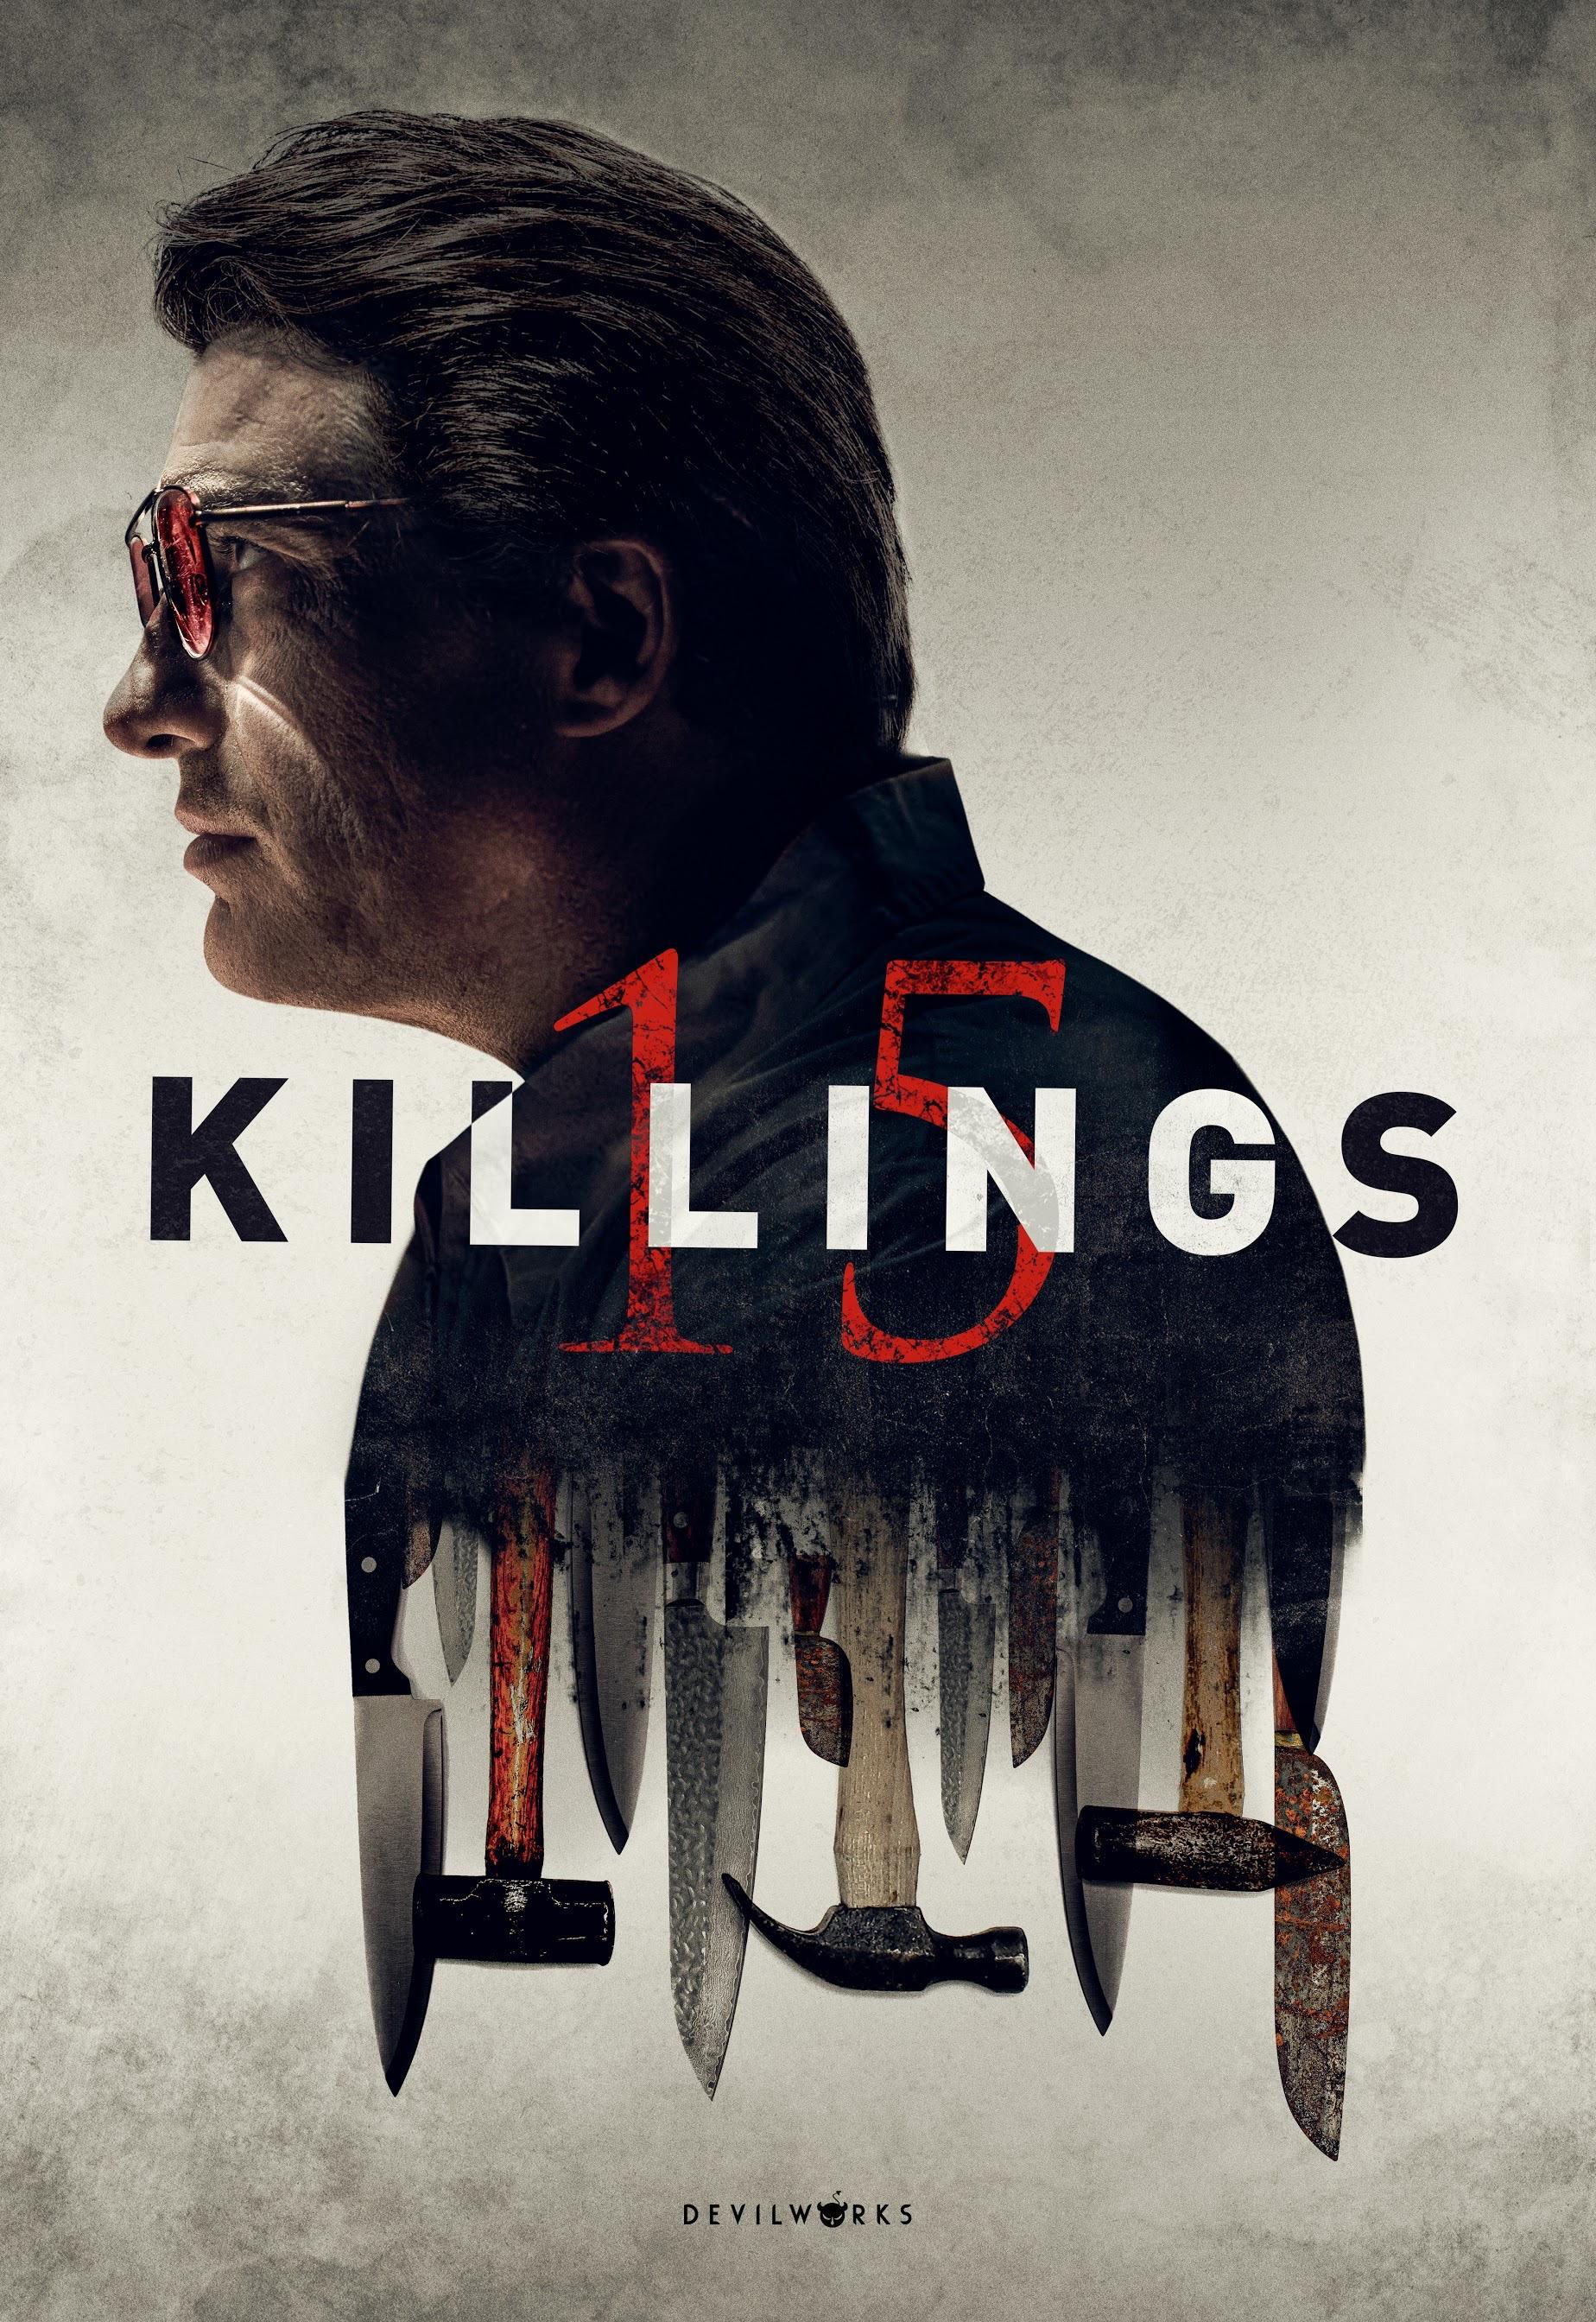 15 Killings hd on soap2day